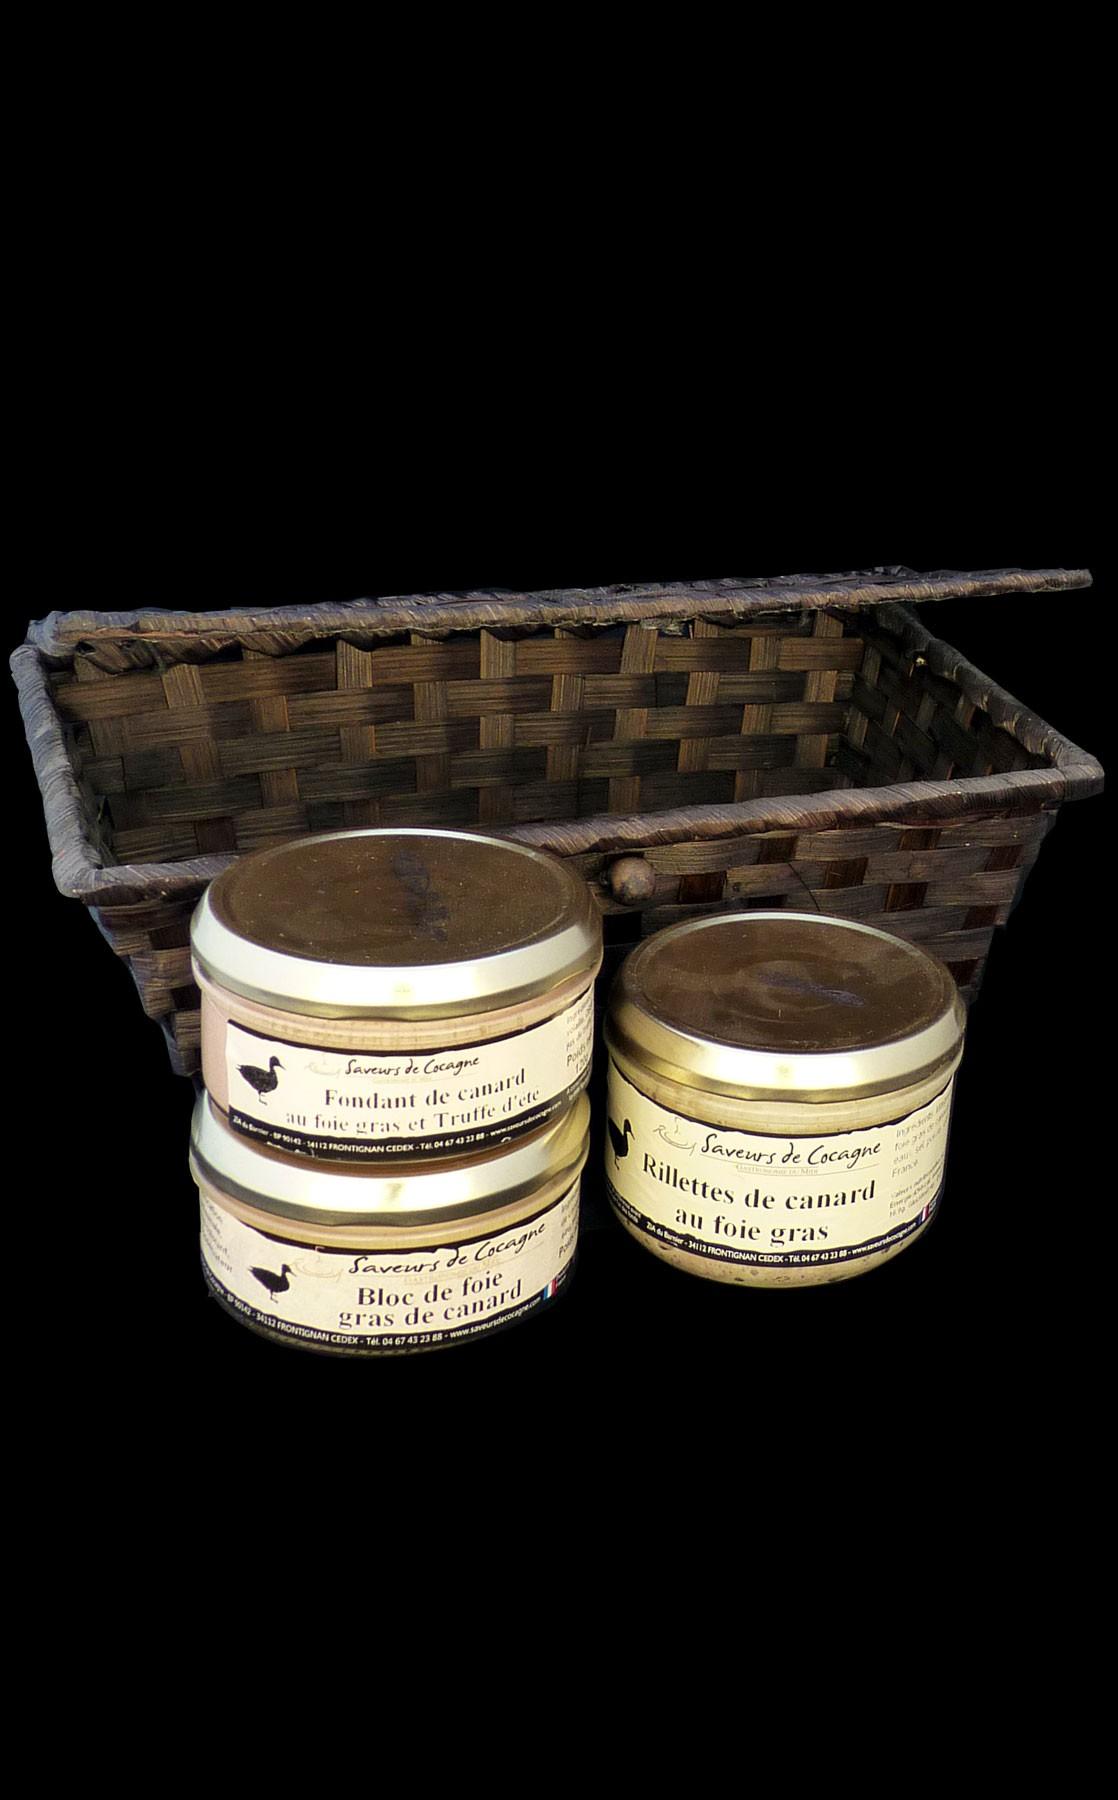 Coffret sur le thème du foie gras